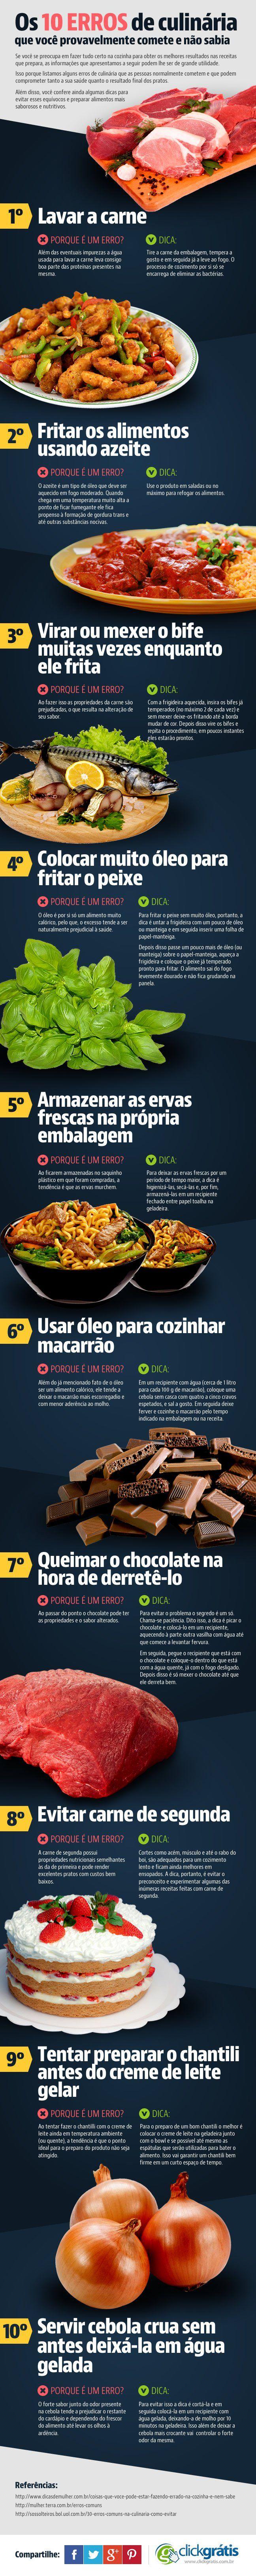 Cantinho Passatempo: Dicas de como preparar alimentos mais saborosos e ...